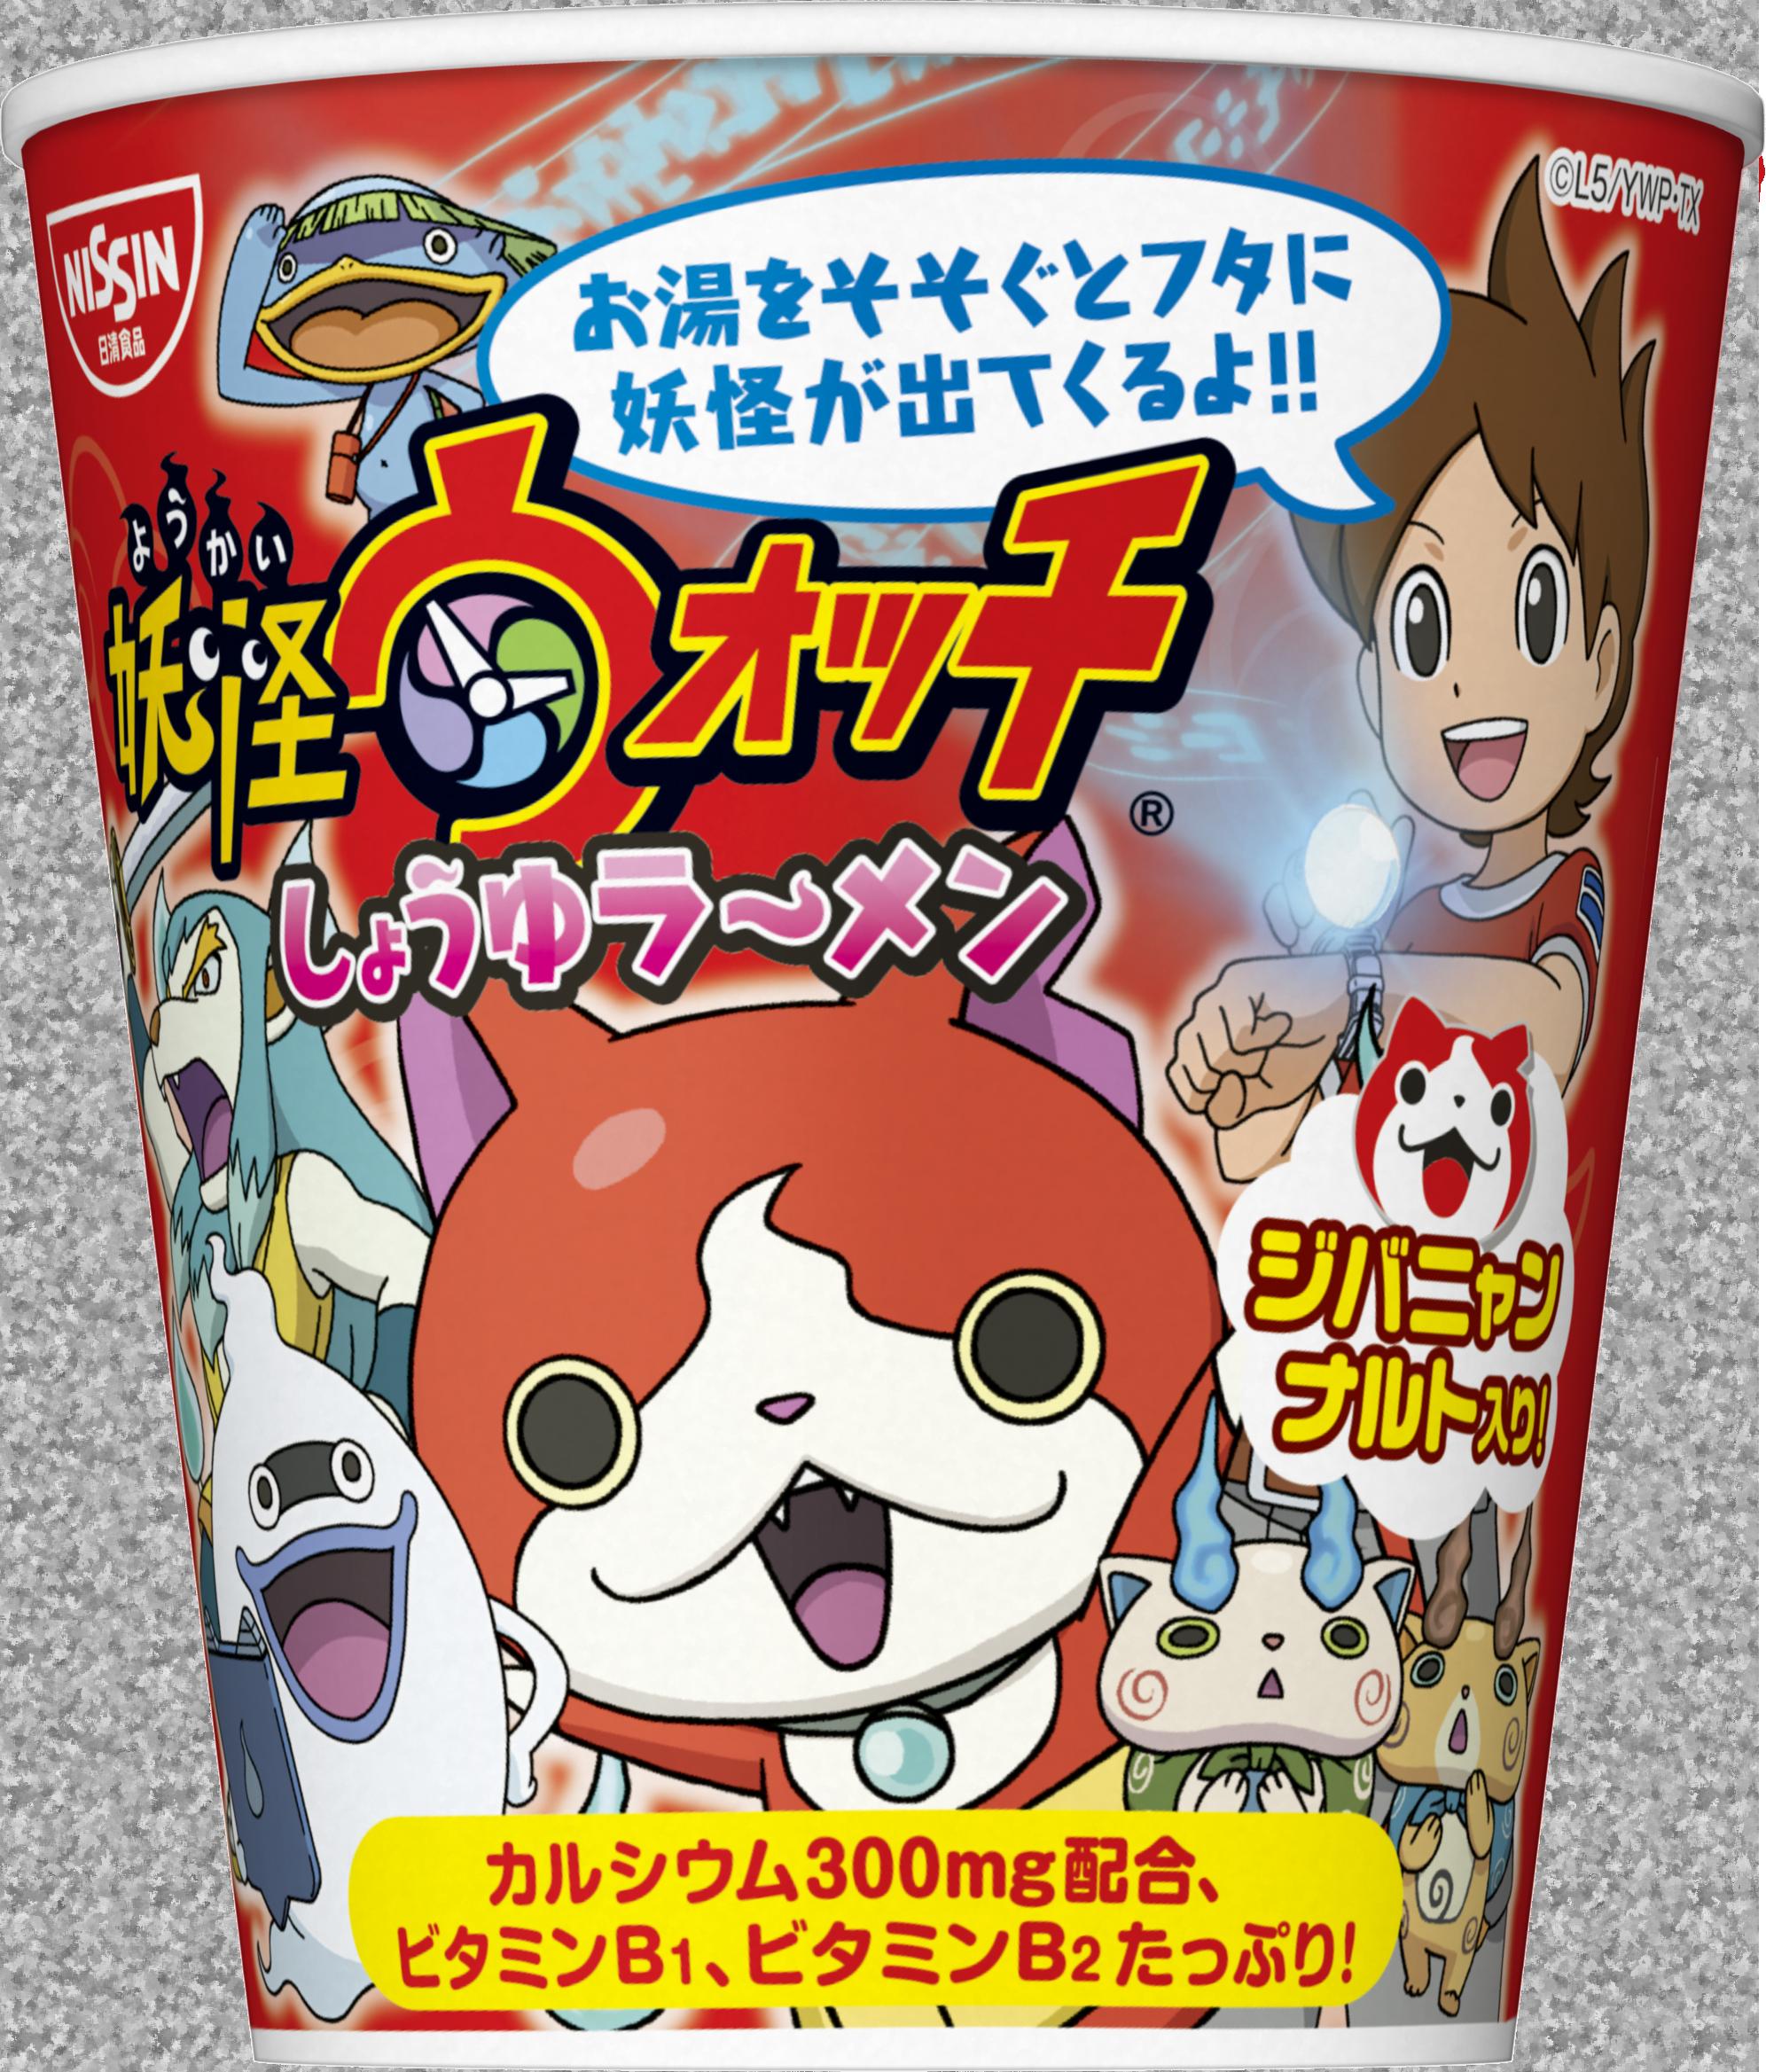 妖怪ウォッチ しょうゆラーメン12月1日発売 日清食品グループ